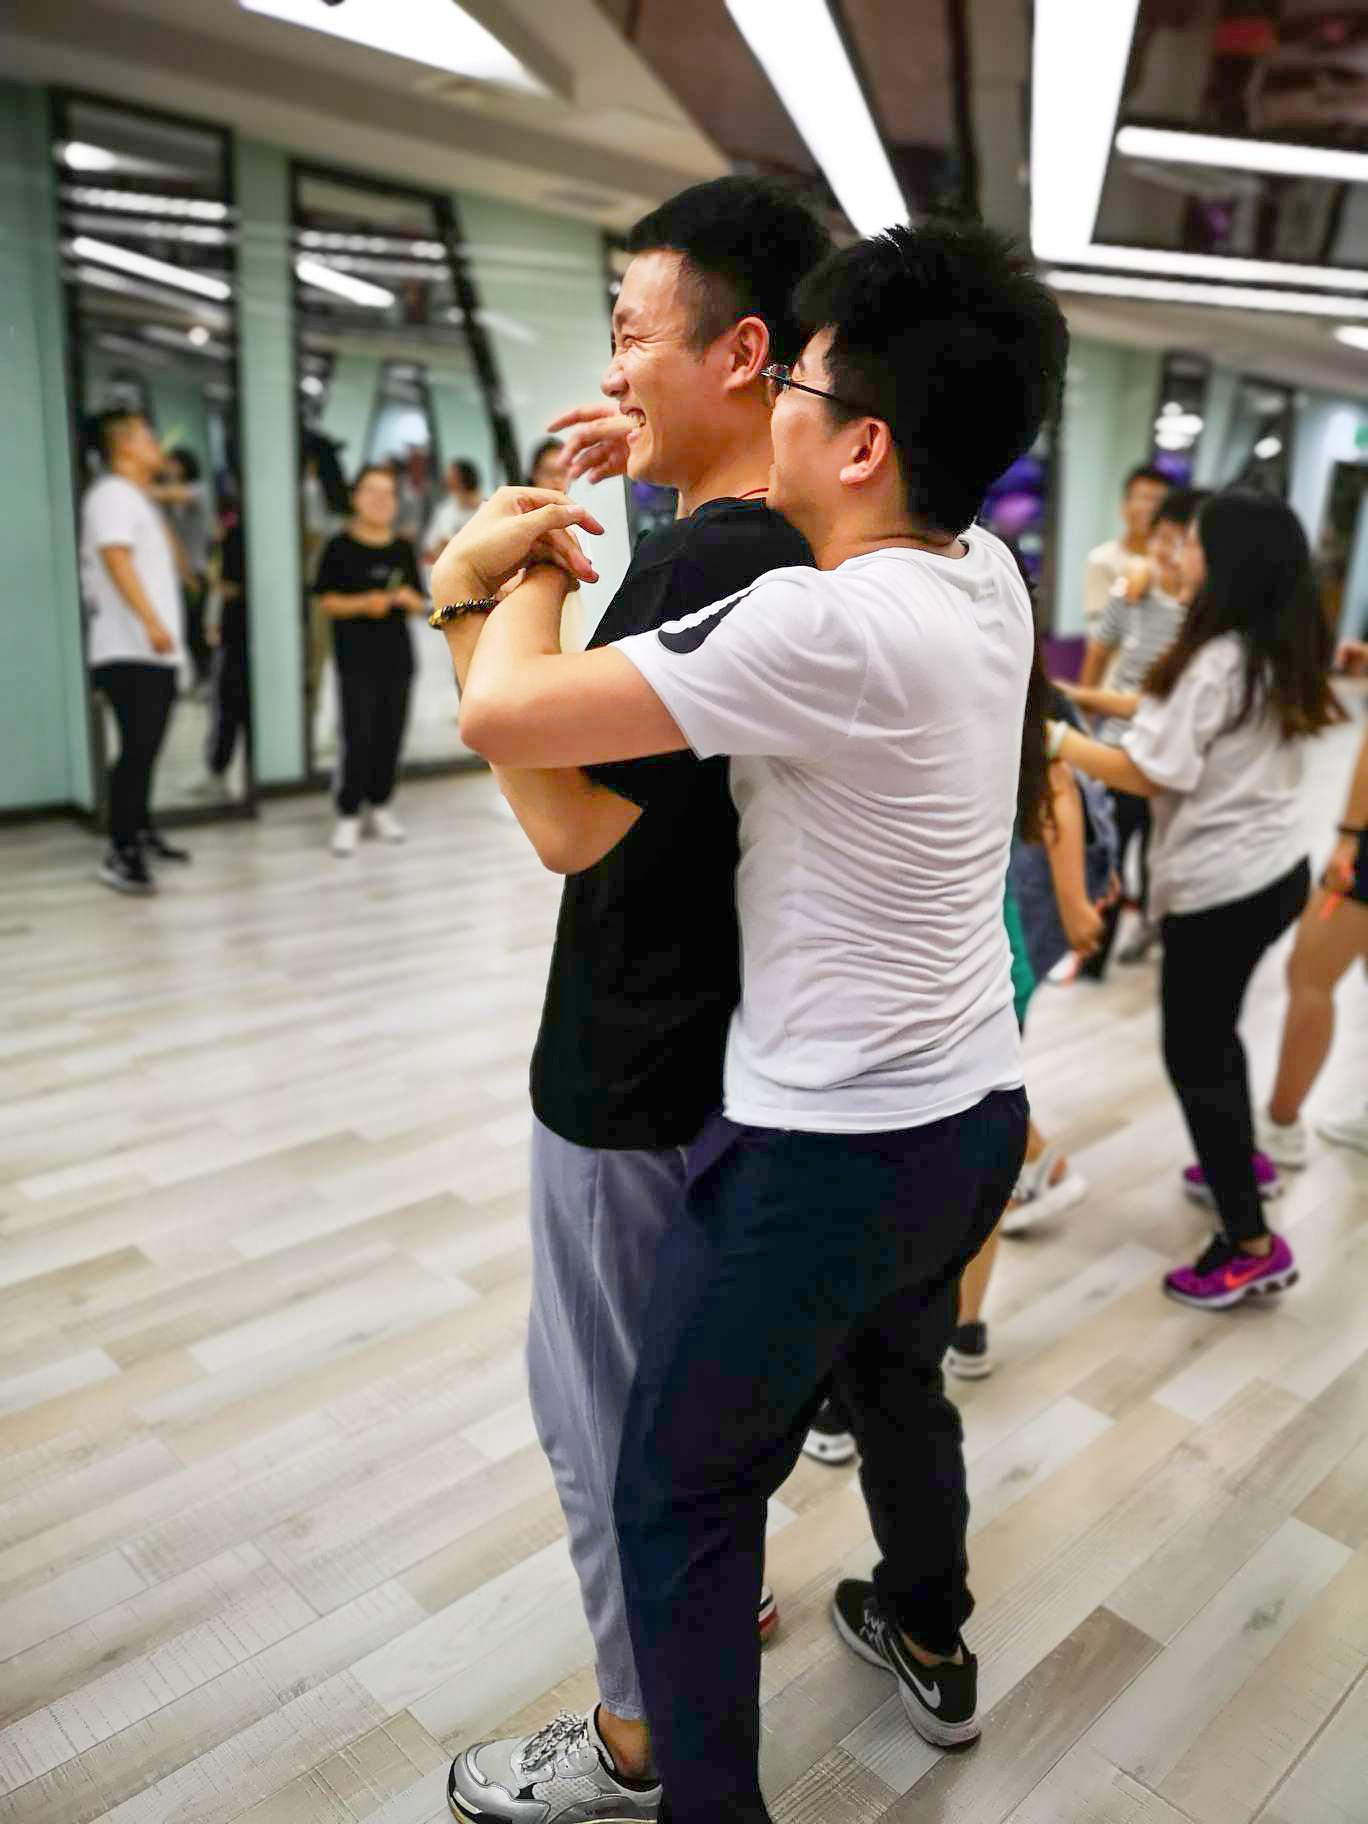 舞动青春﹒欢乐无限